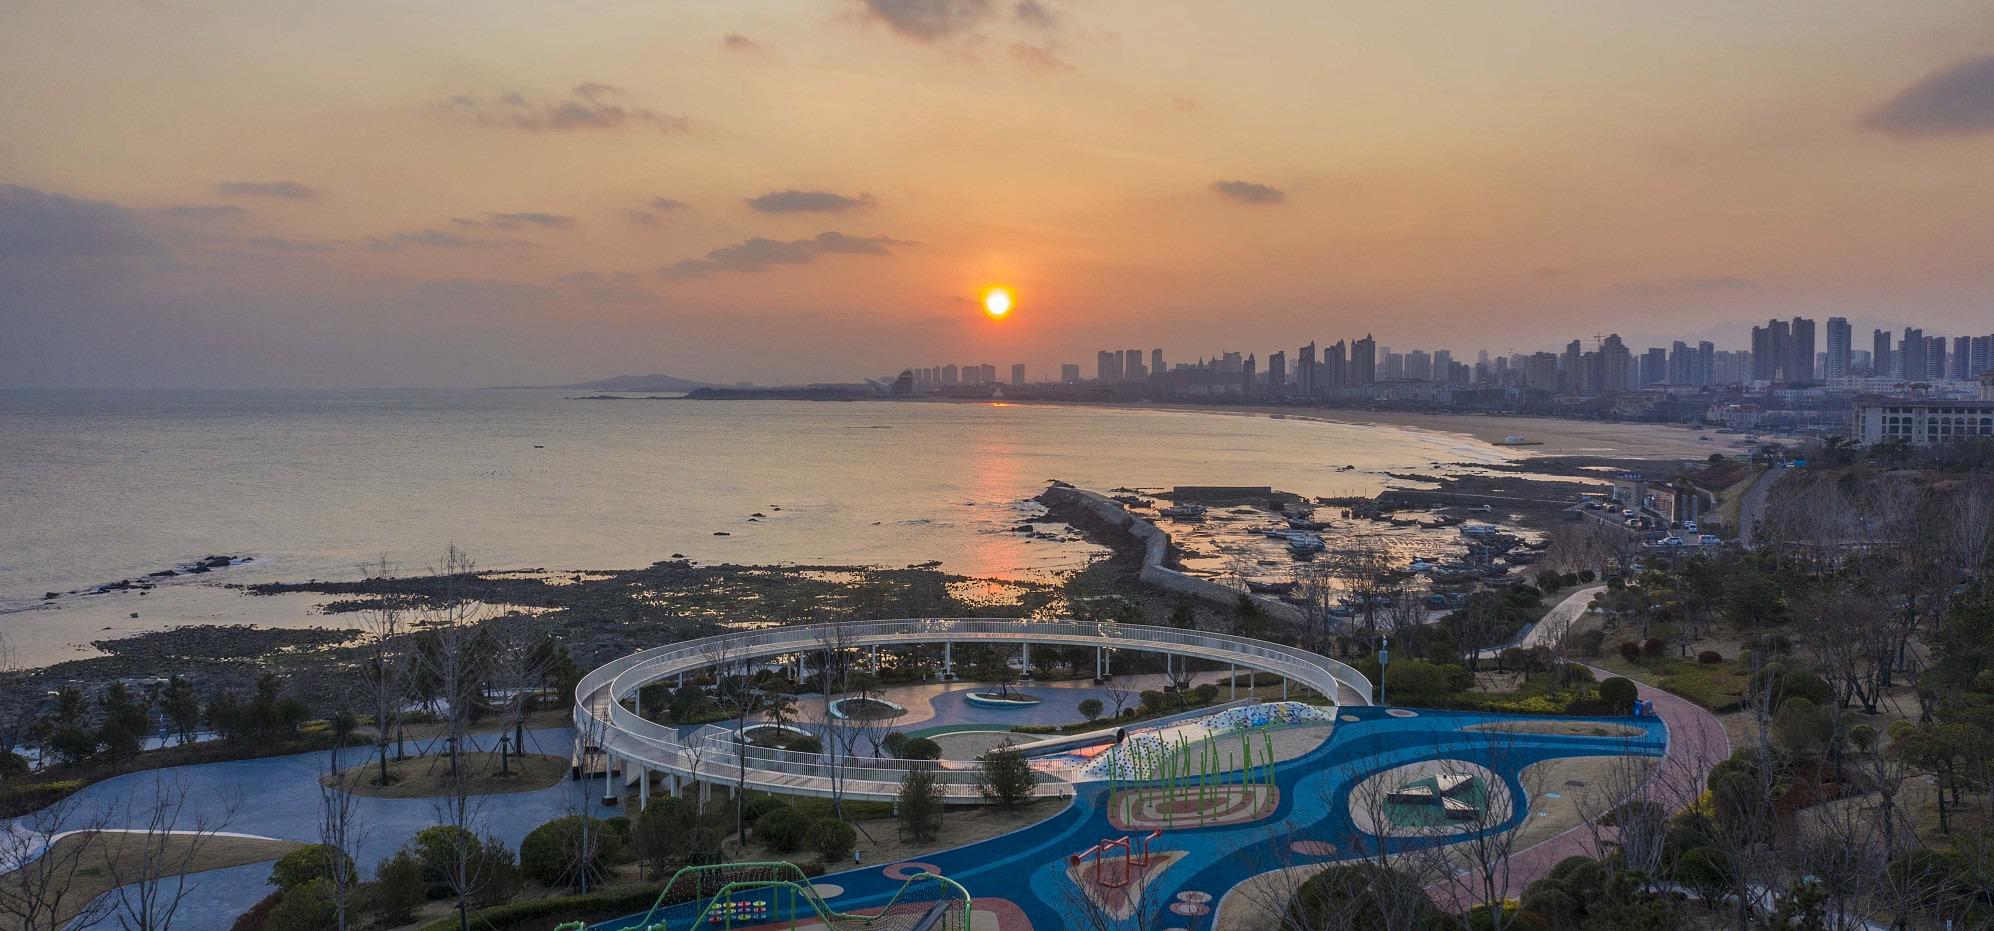 航拍:青岛西海岸新区金沙滩 冬季海岸线靓丽如画